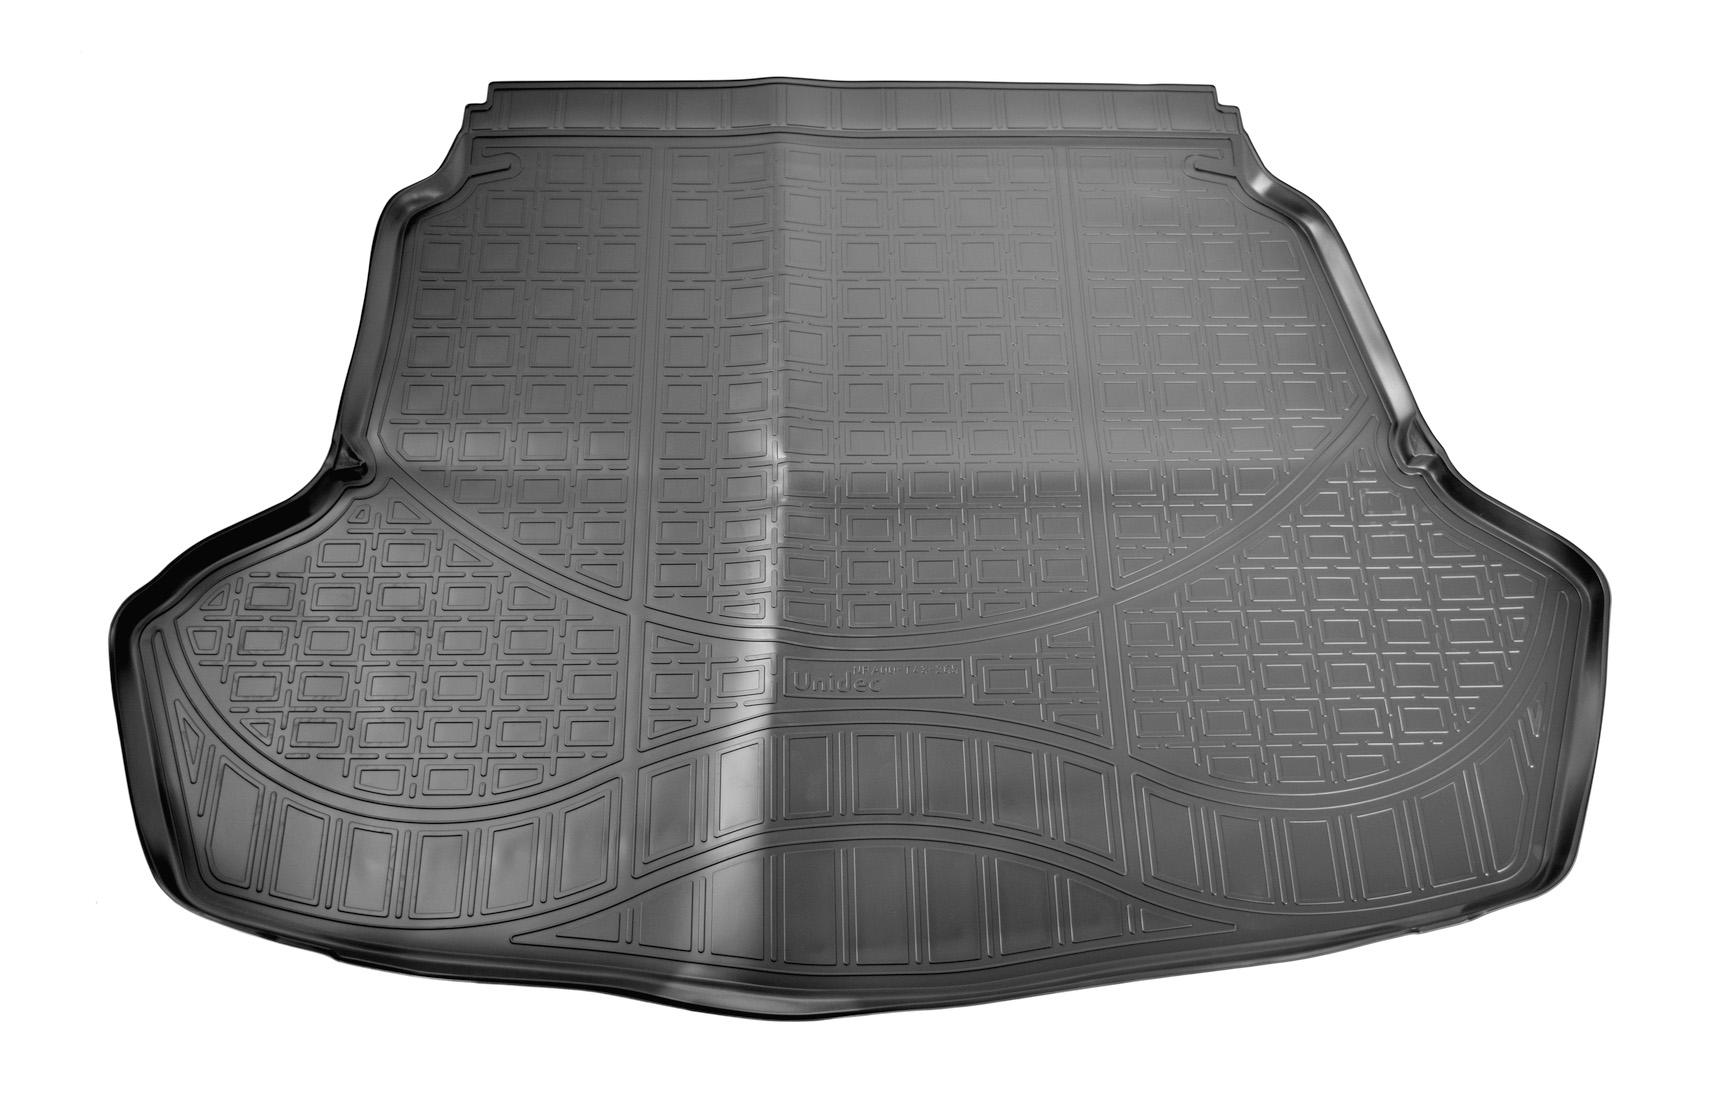 Коврик в багажник автомобиля для KIA Norplast (NPA00-T43-265)